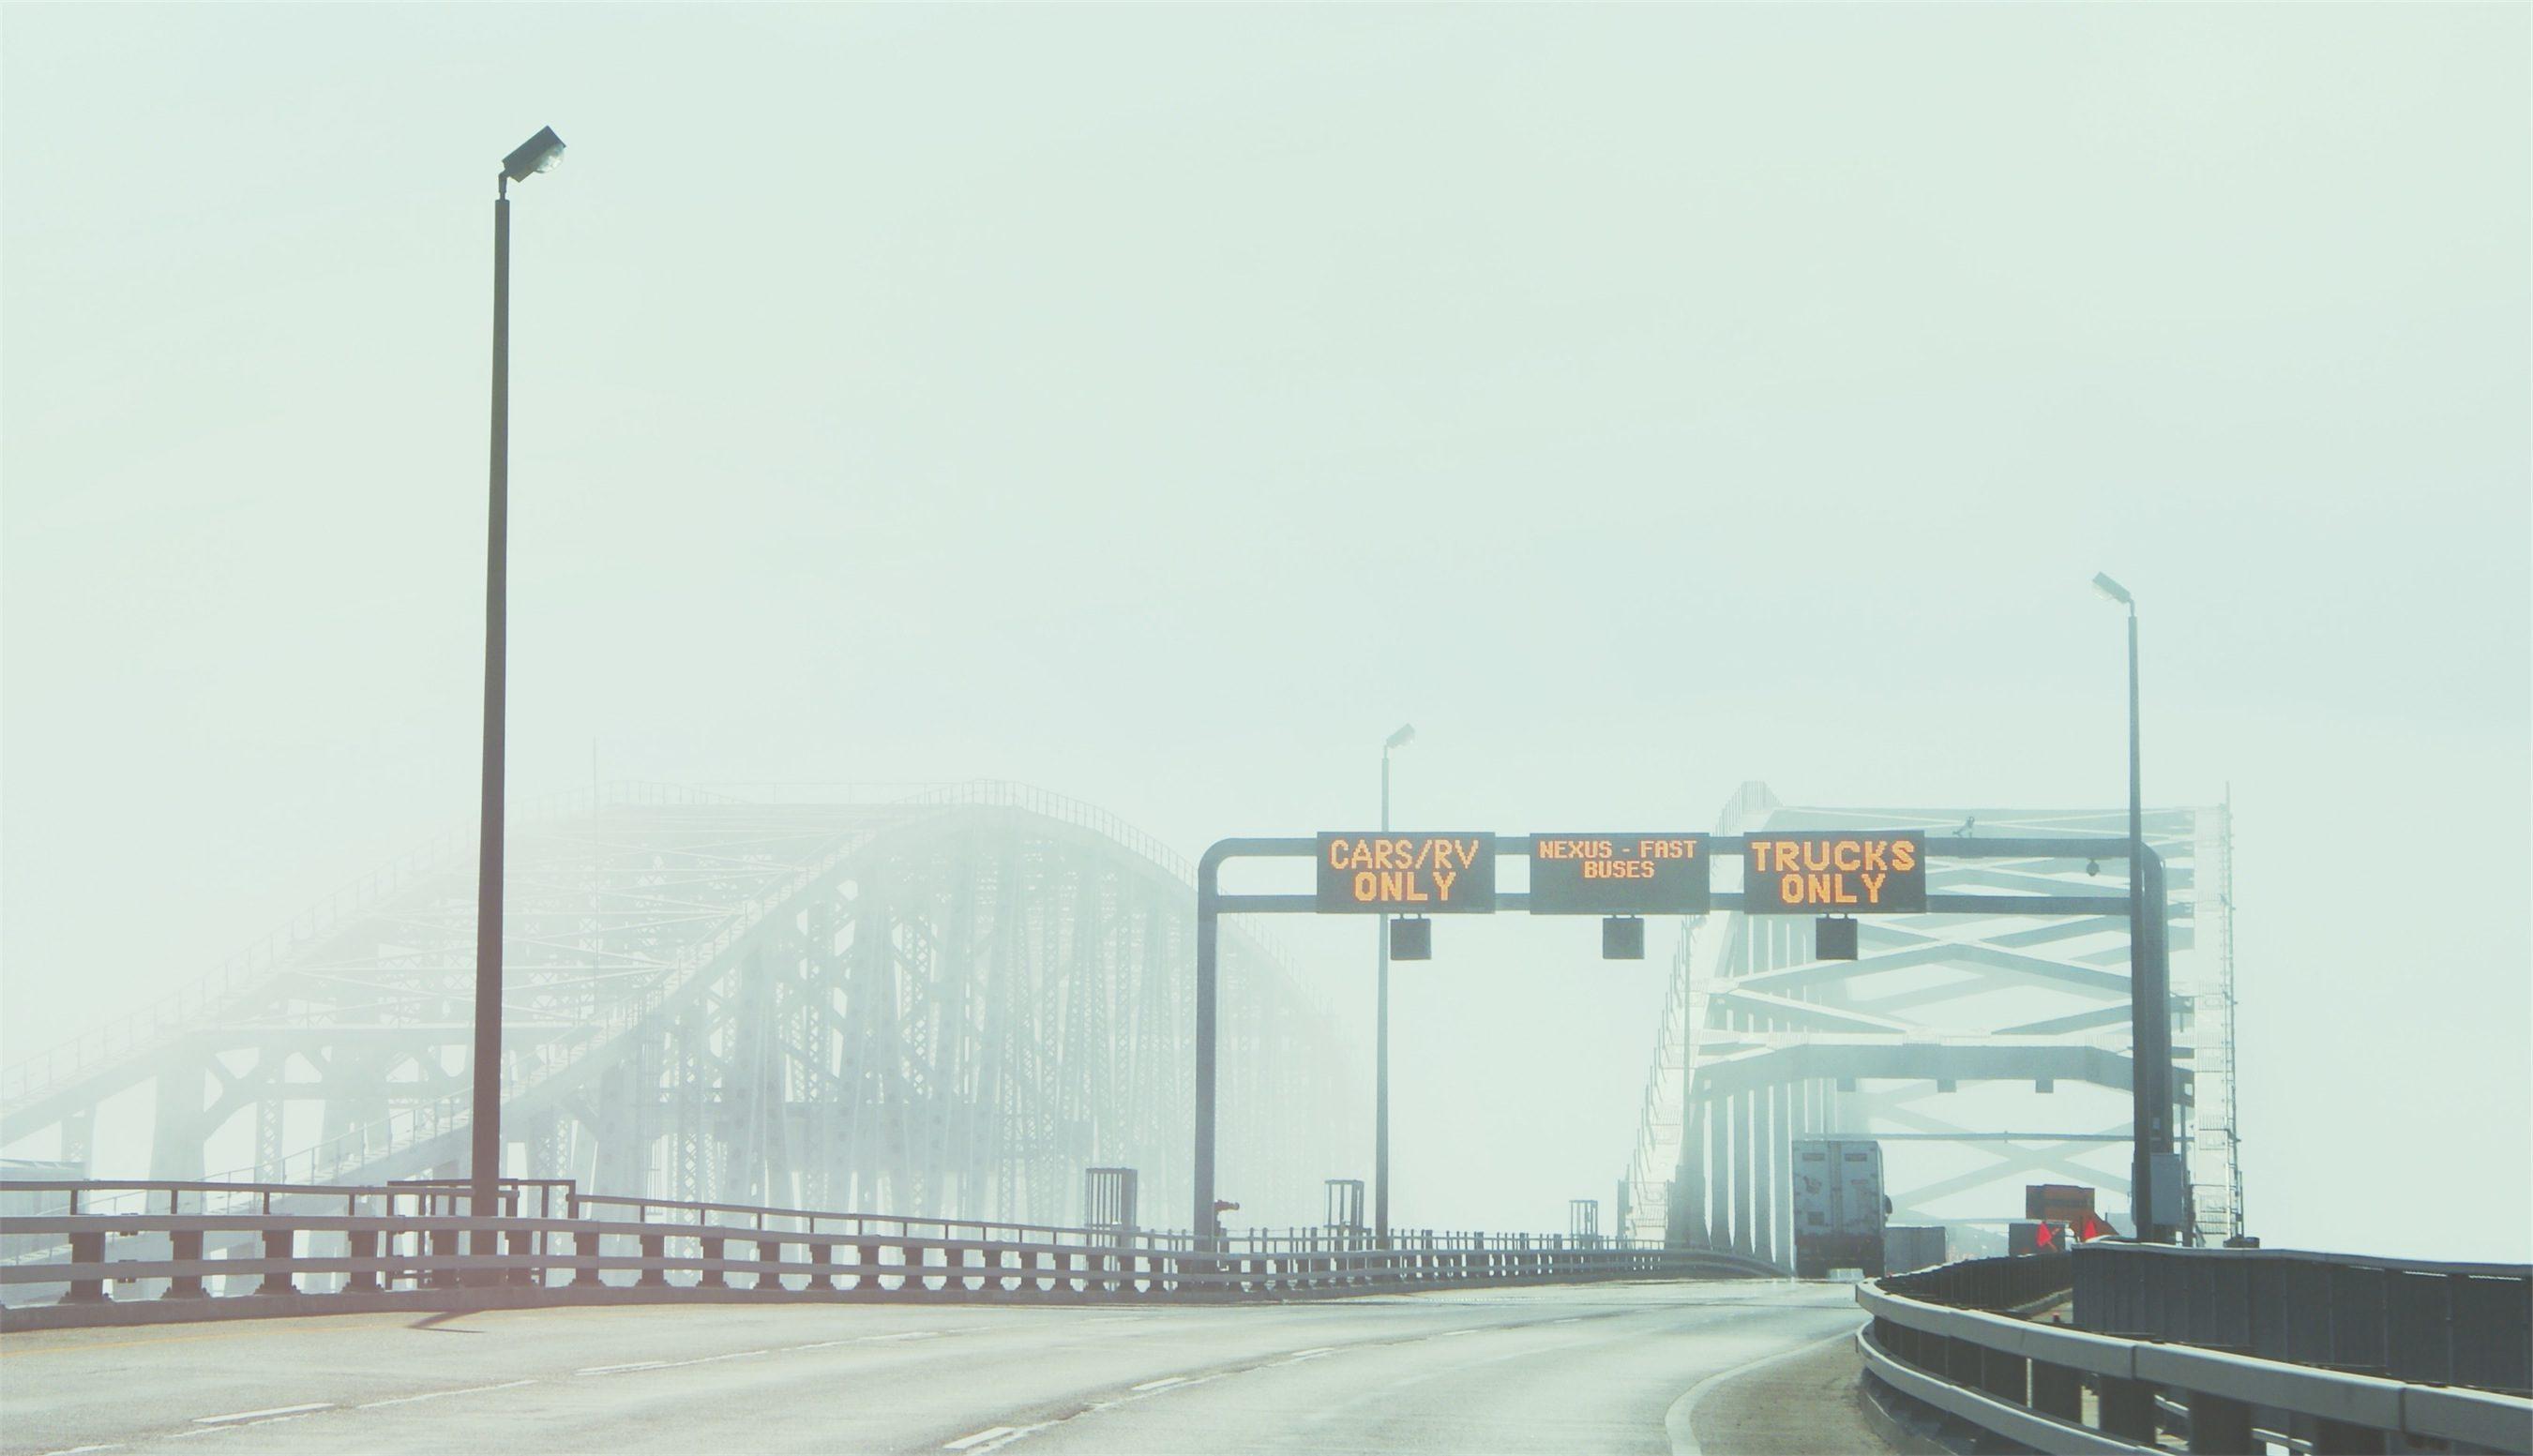 puente, señales, niebla, carretera, luces - Fondos de Pantalla HD - professor-falken.com